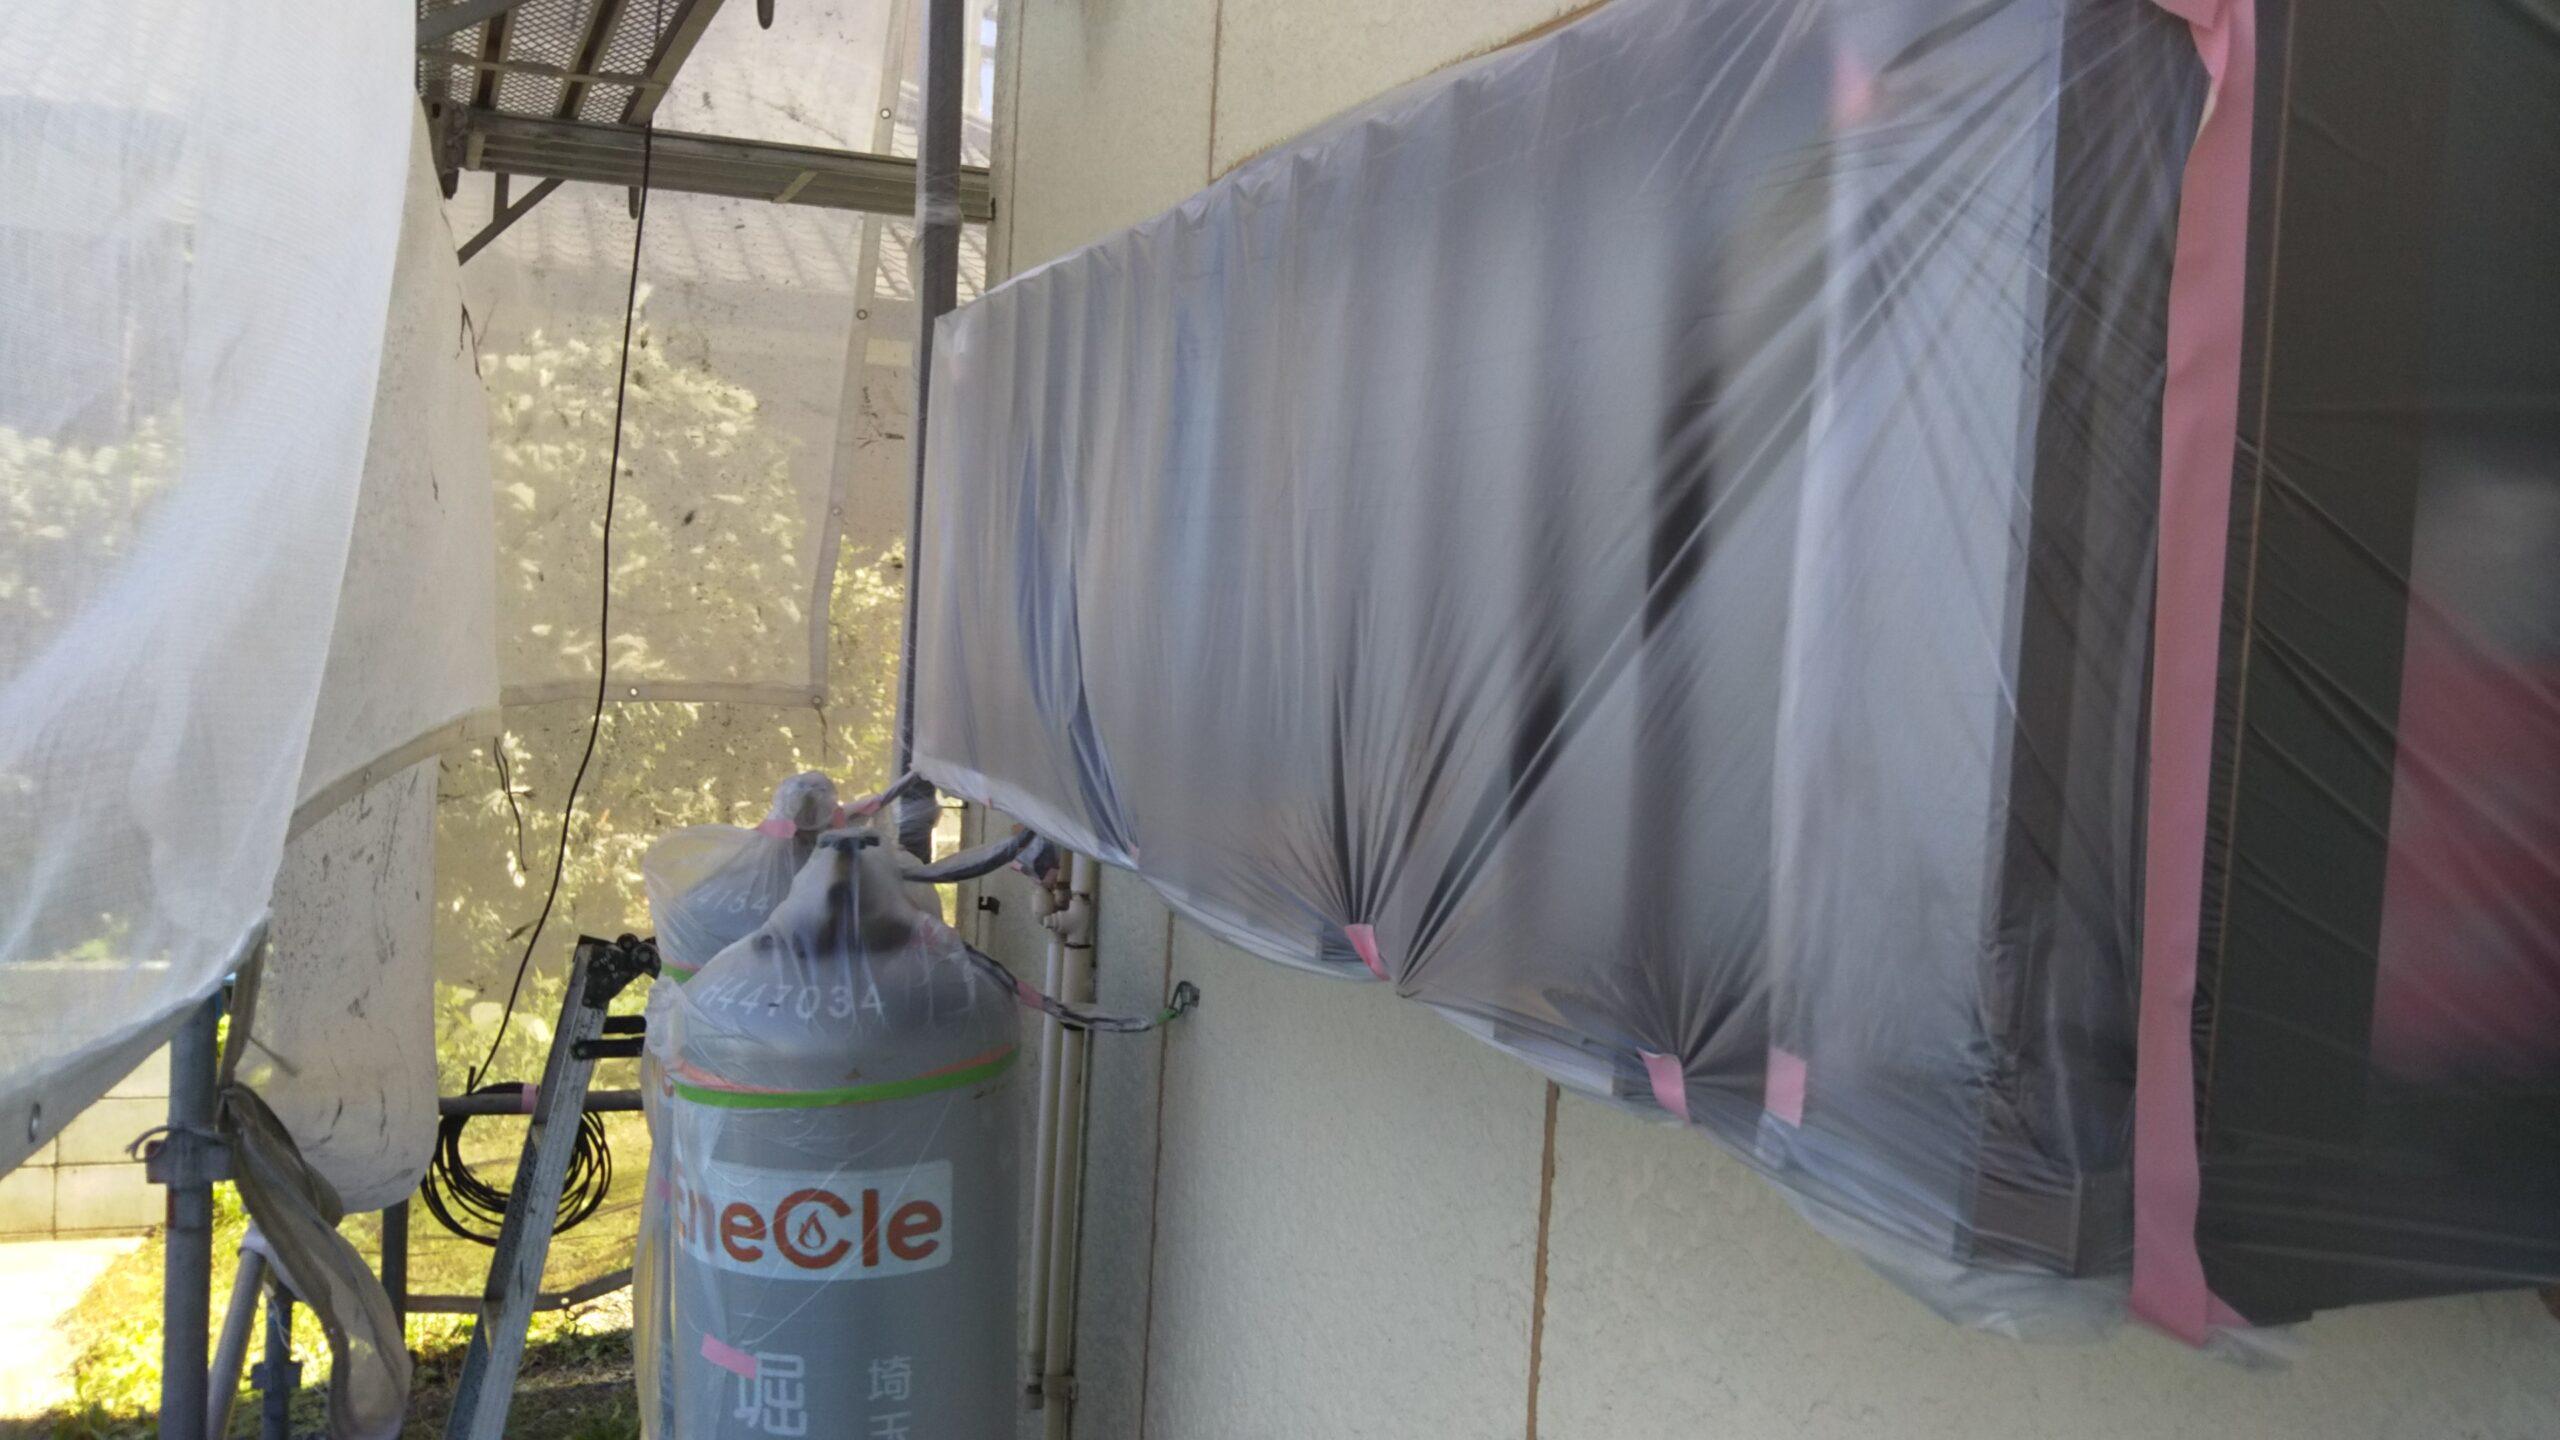 外壁塗装の養生作業|さいたま市浦和区のK様邸(木造2階建て)にて塗り替えリフォーム中